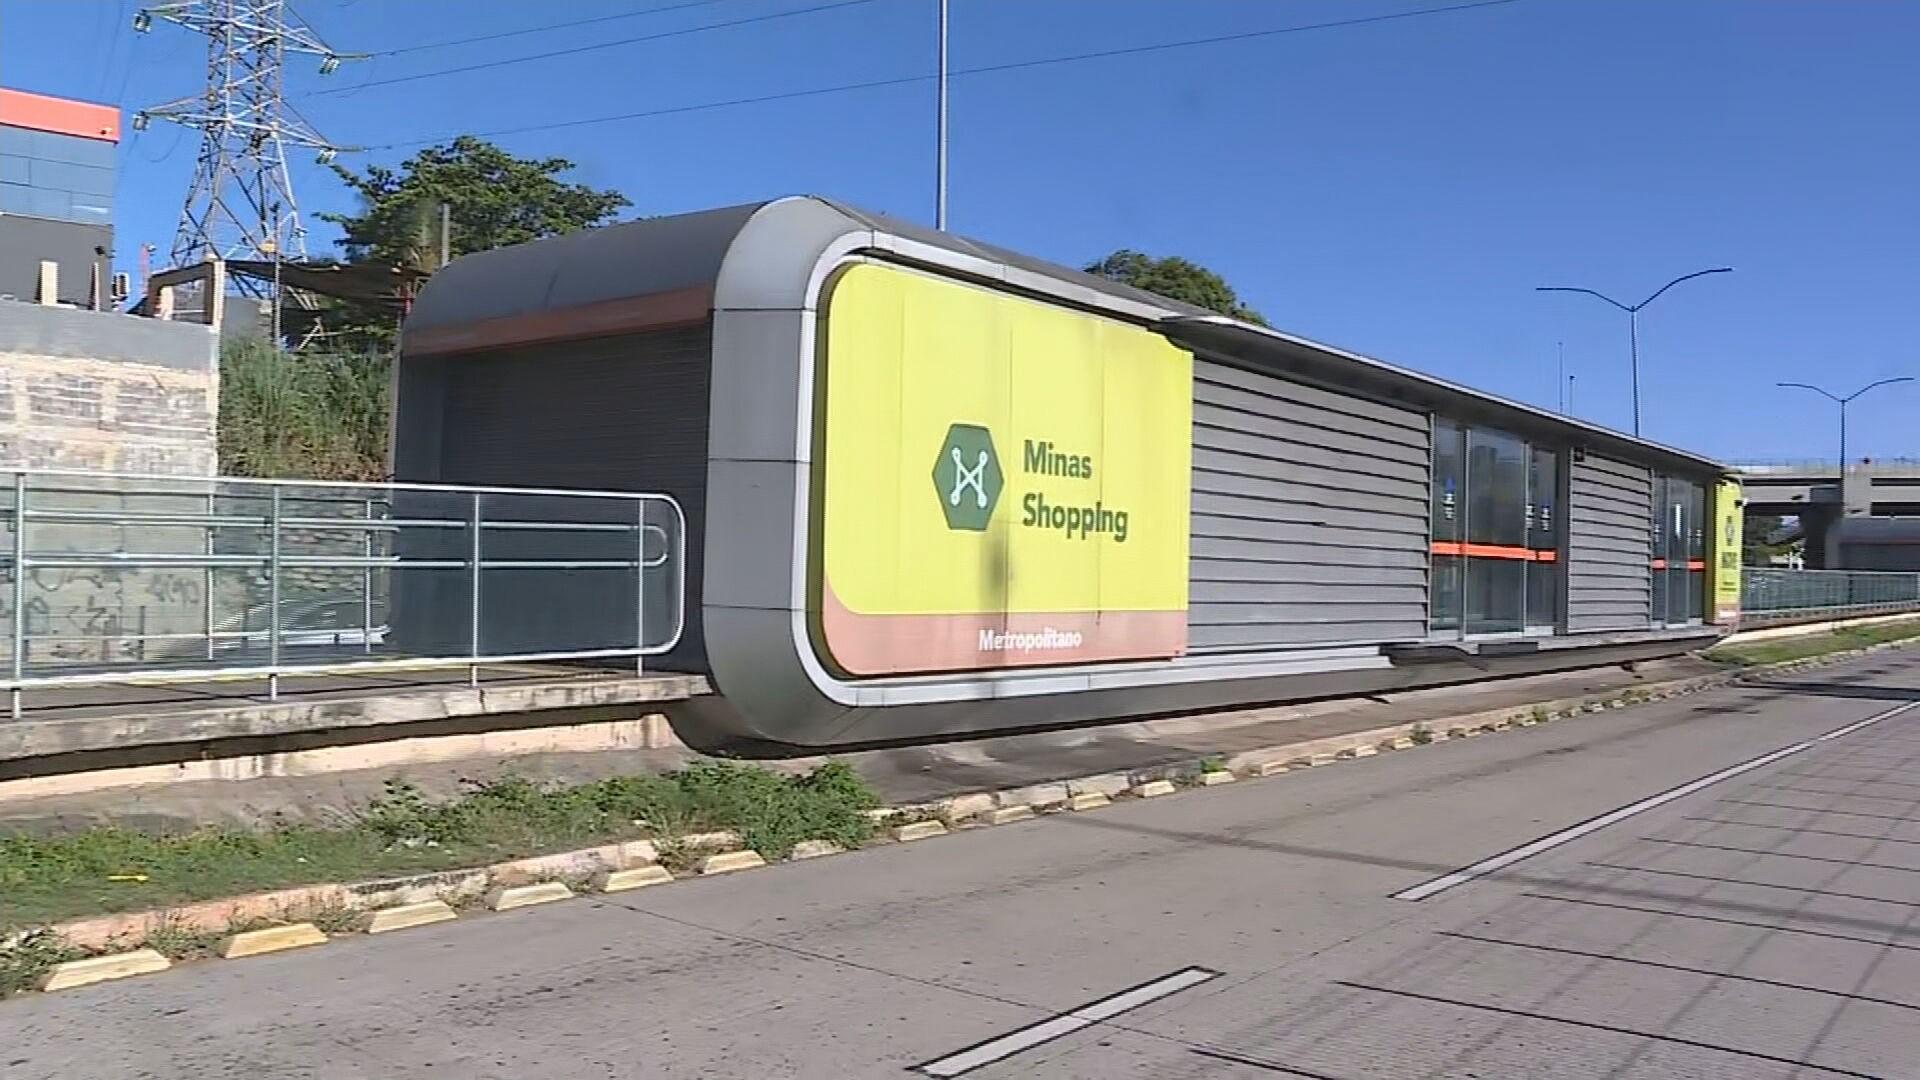 Estação Move Metropolitano Minas Shopping é furtada em BH